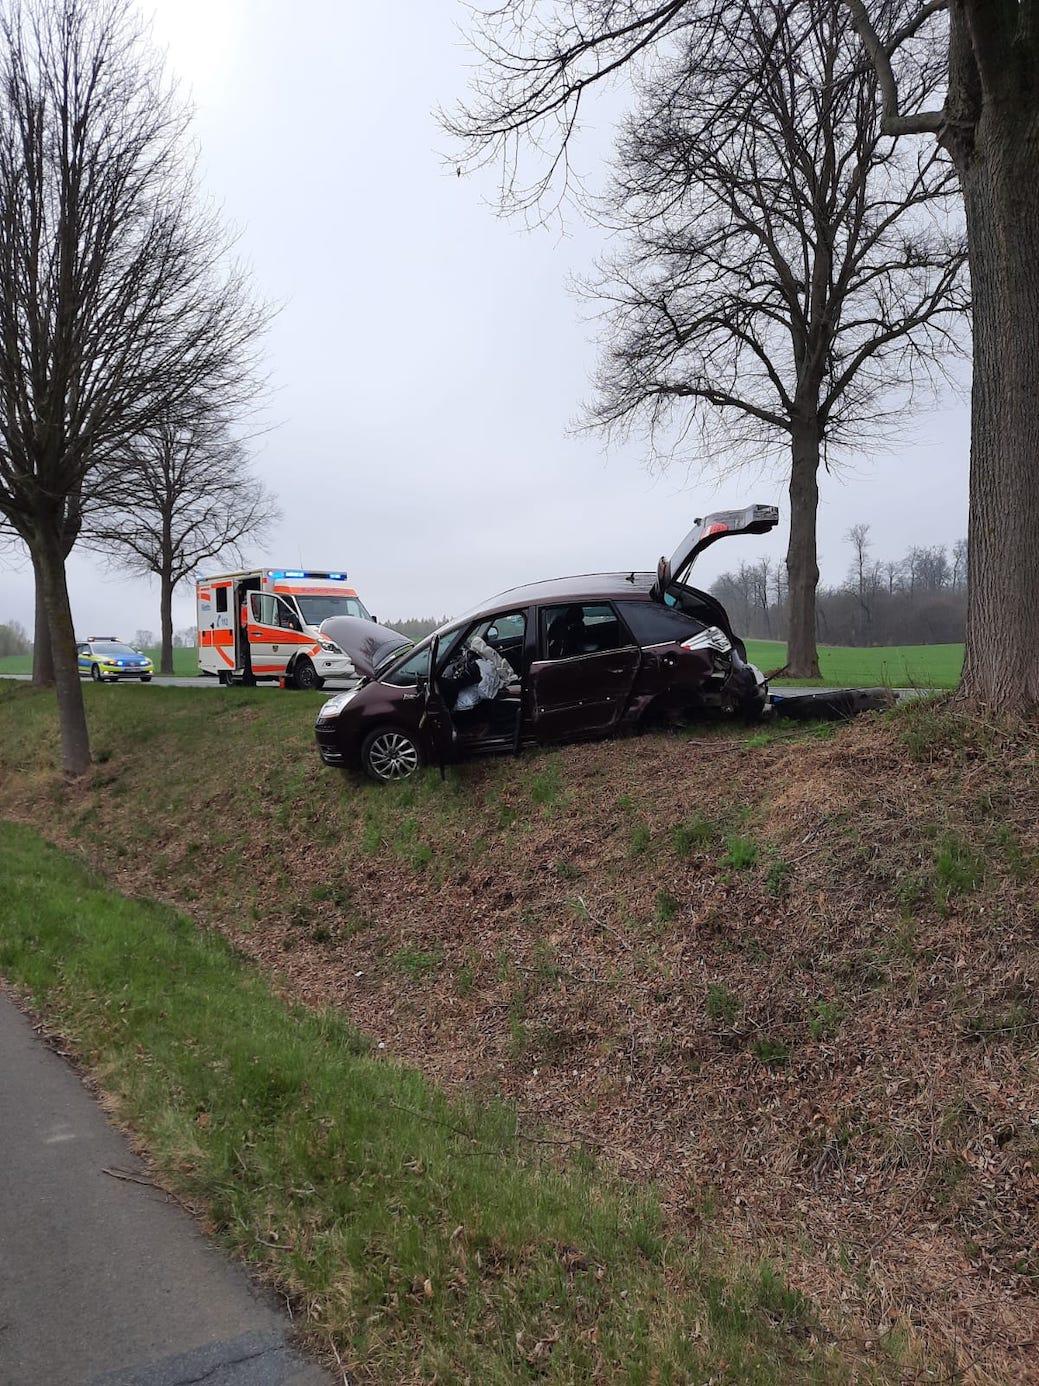 Auf der B244 Helmstedt Richtung Esbeck kam ein Auto von der Fahrbahn ab. Eine Person wurde durch den Rettungsdienst betreut. Foto: privat